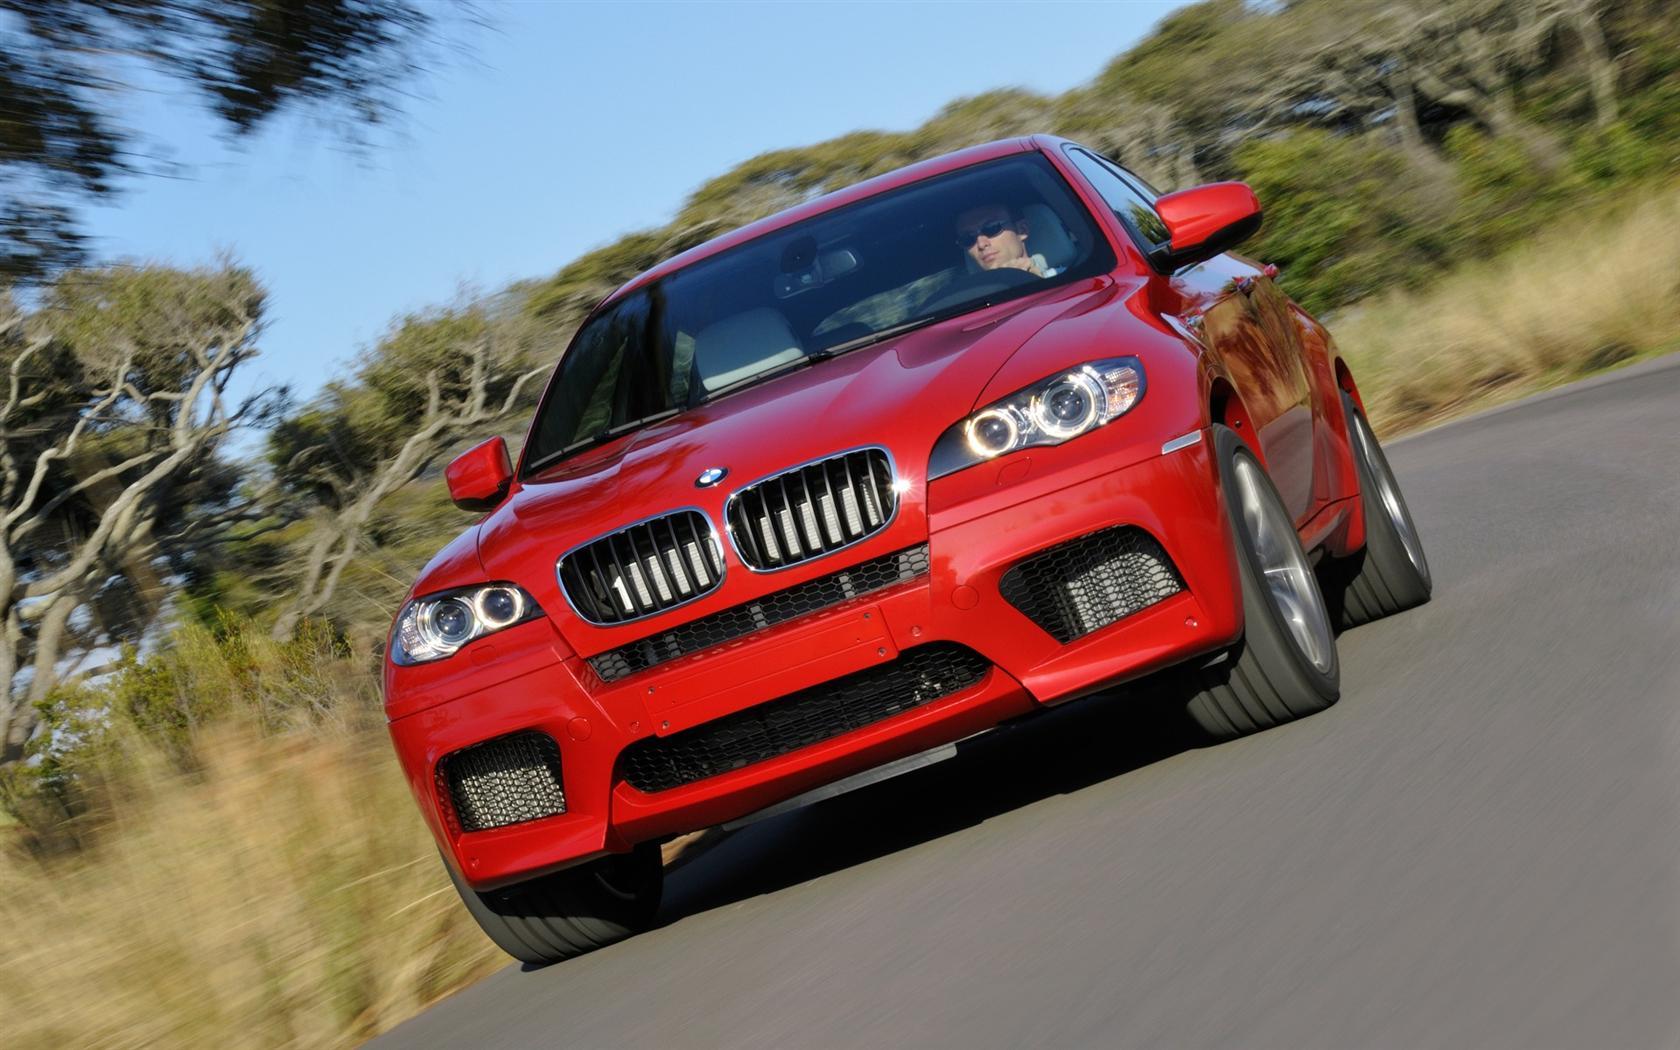 красный автомобиль bmw x6 red car  № 318876 бесплатно